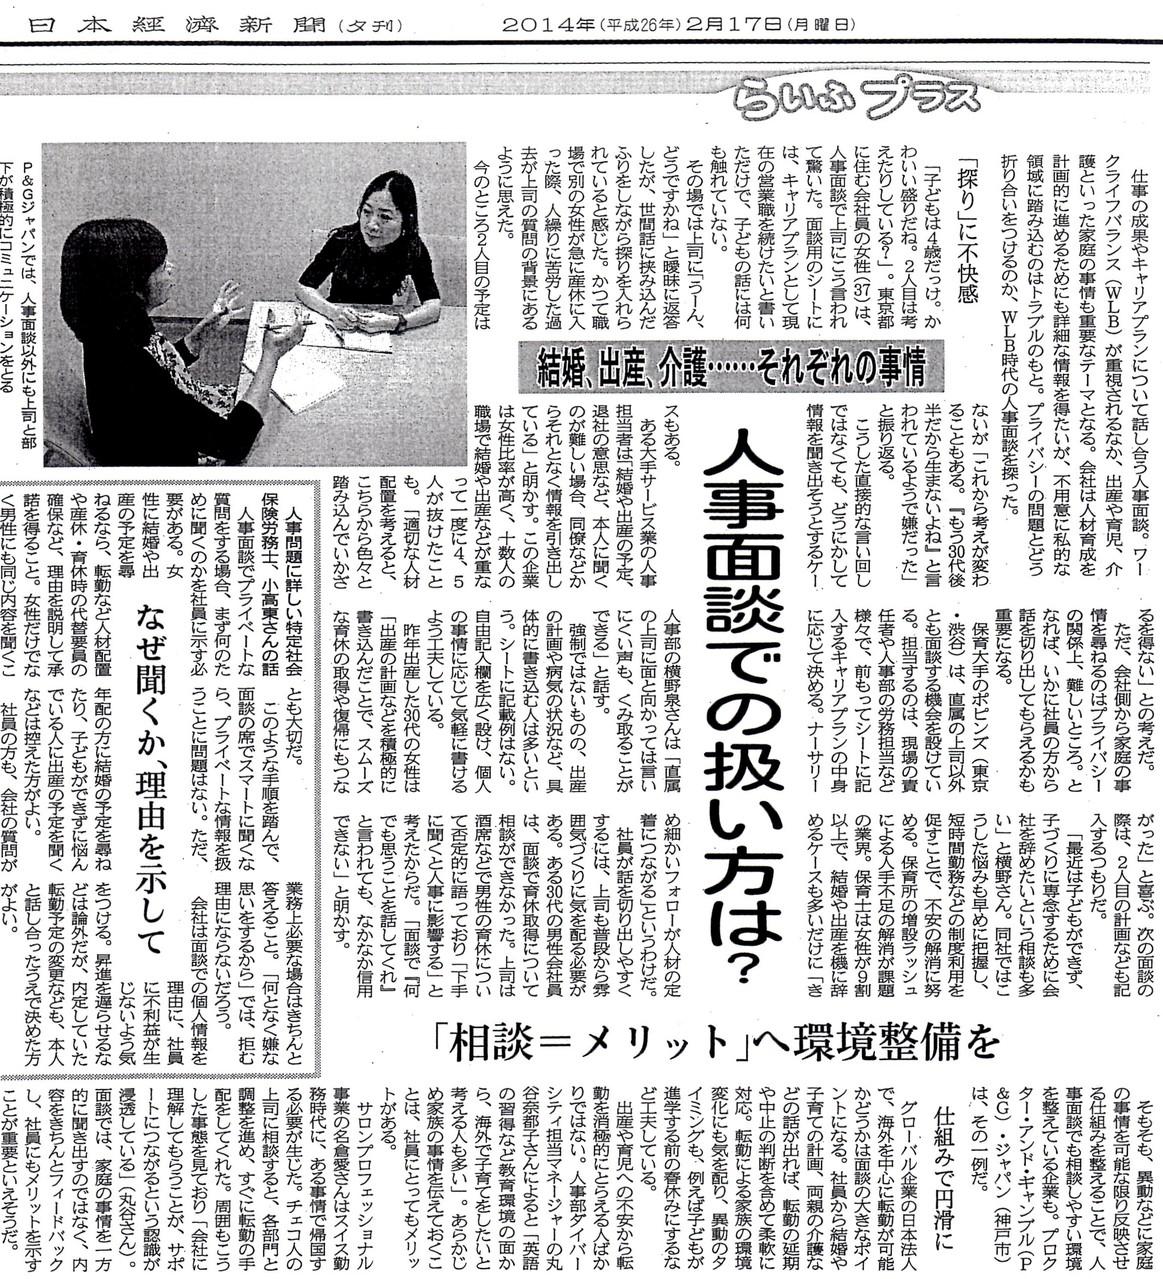 日本経済新聞 代表 小高東 コメント